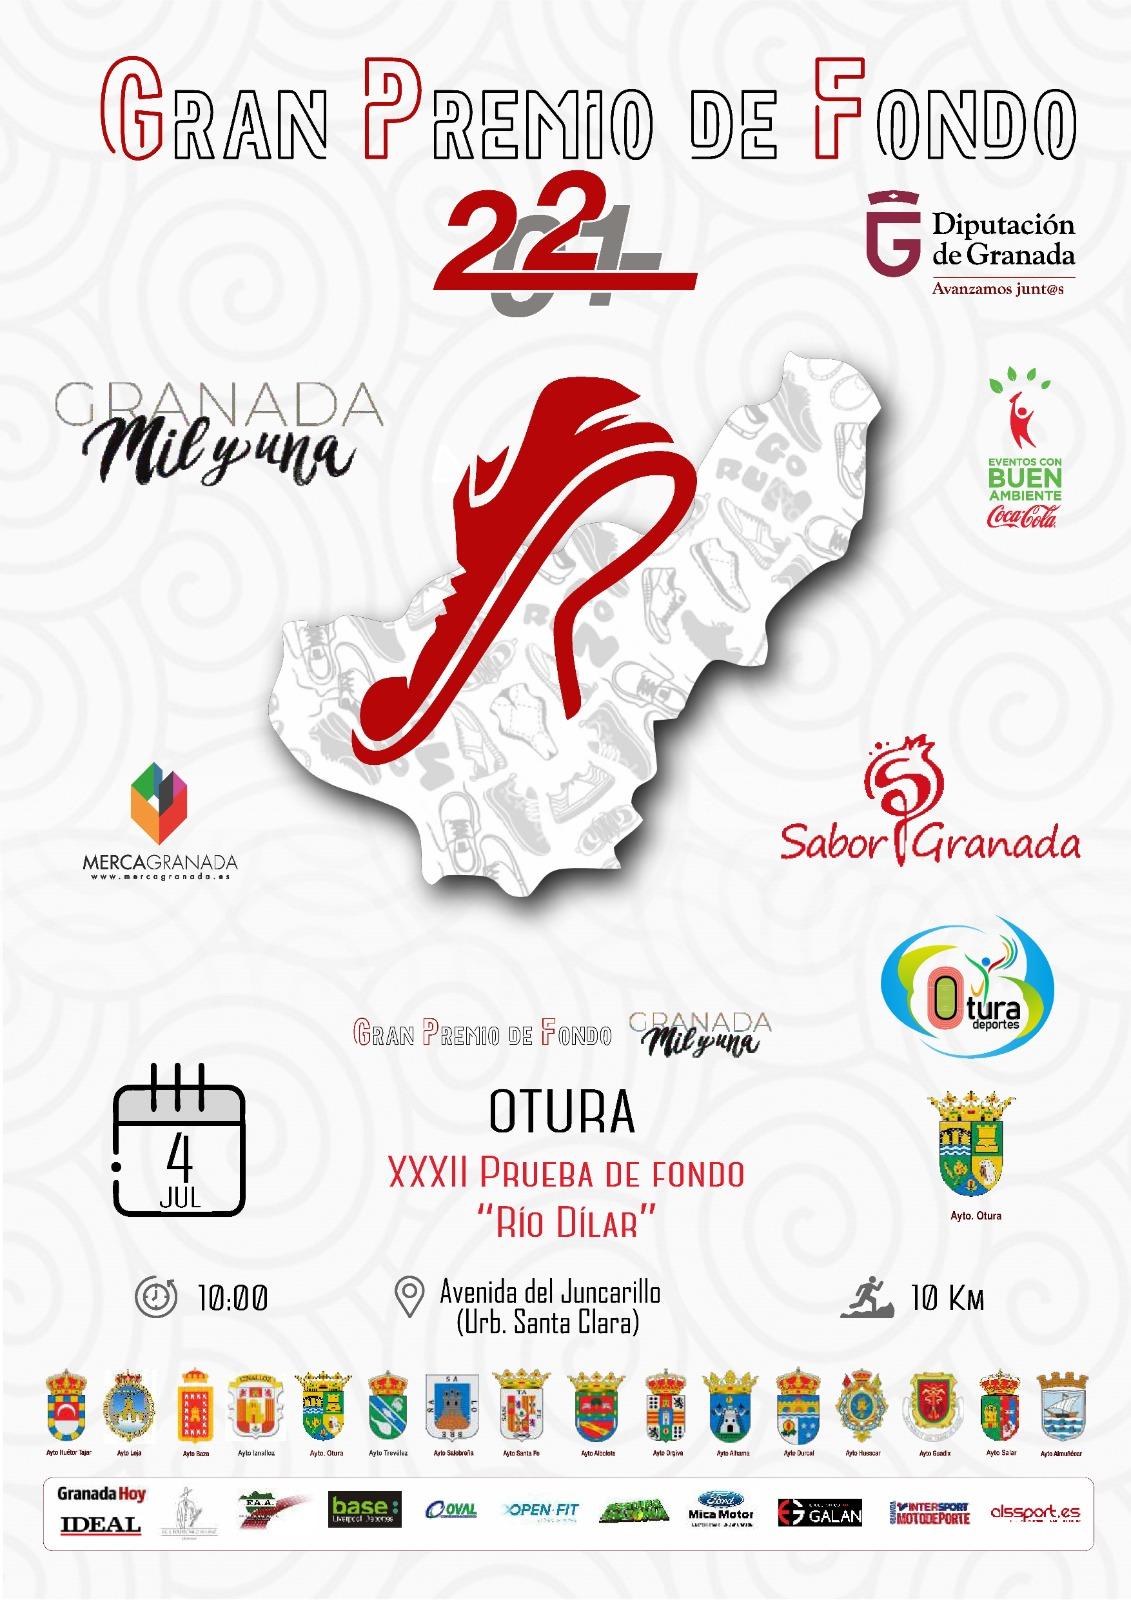 400 corredores participarán en la XXXII Prueba de Fondo 'Río Dílar' en Otura